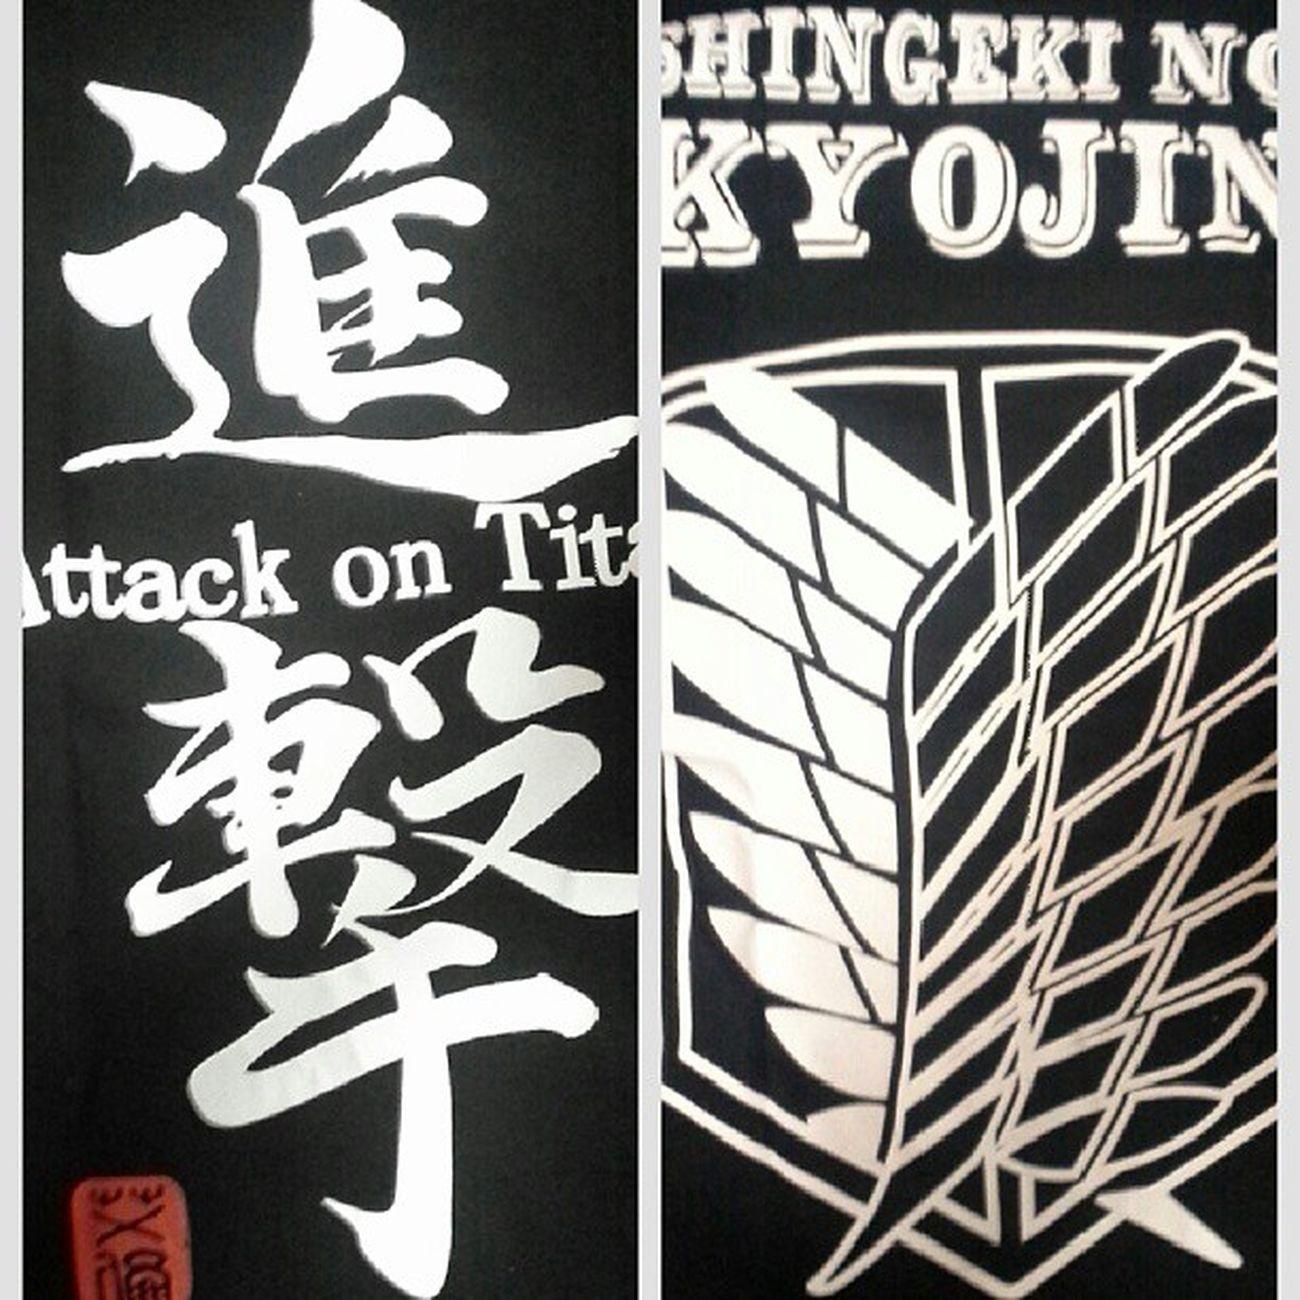 「進撃の巨人」のシャツ ShingekinoKyojin Attackontitan #進撃の巨人 Snk Aot animemerchandise animeshirt ScoutingLegion ReconCorps WingsOfFreedom JiyuuNoTsubasa #自由の翼